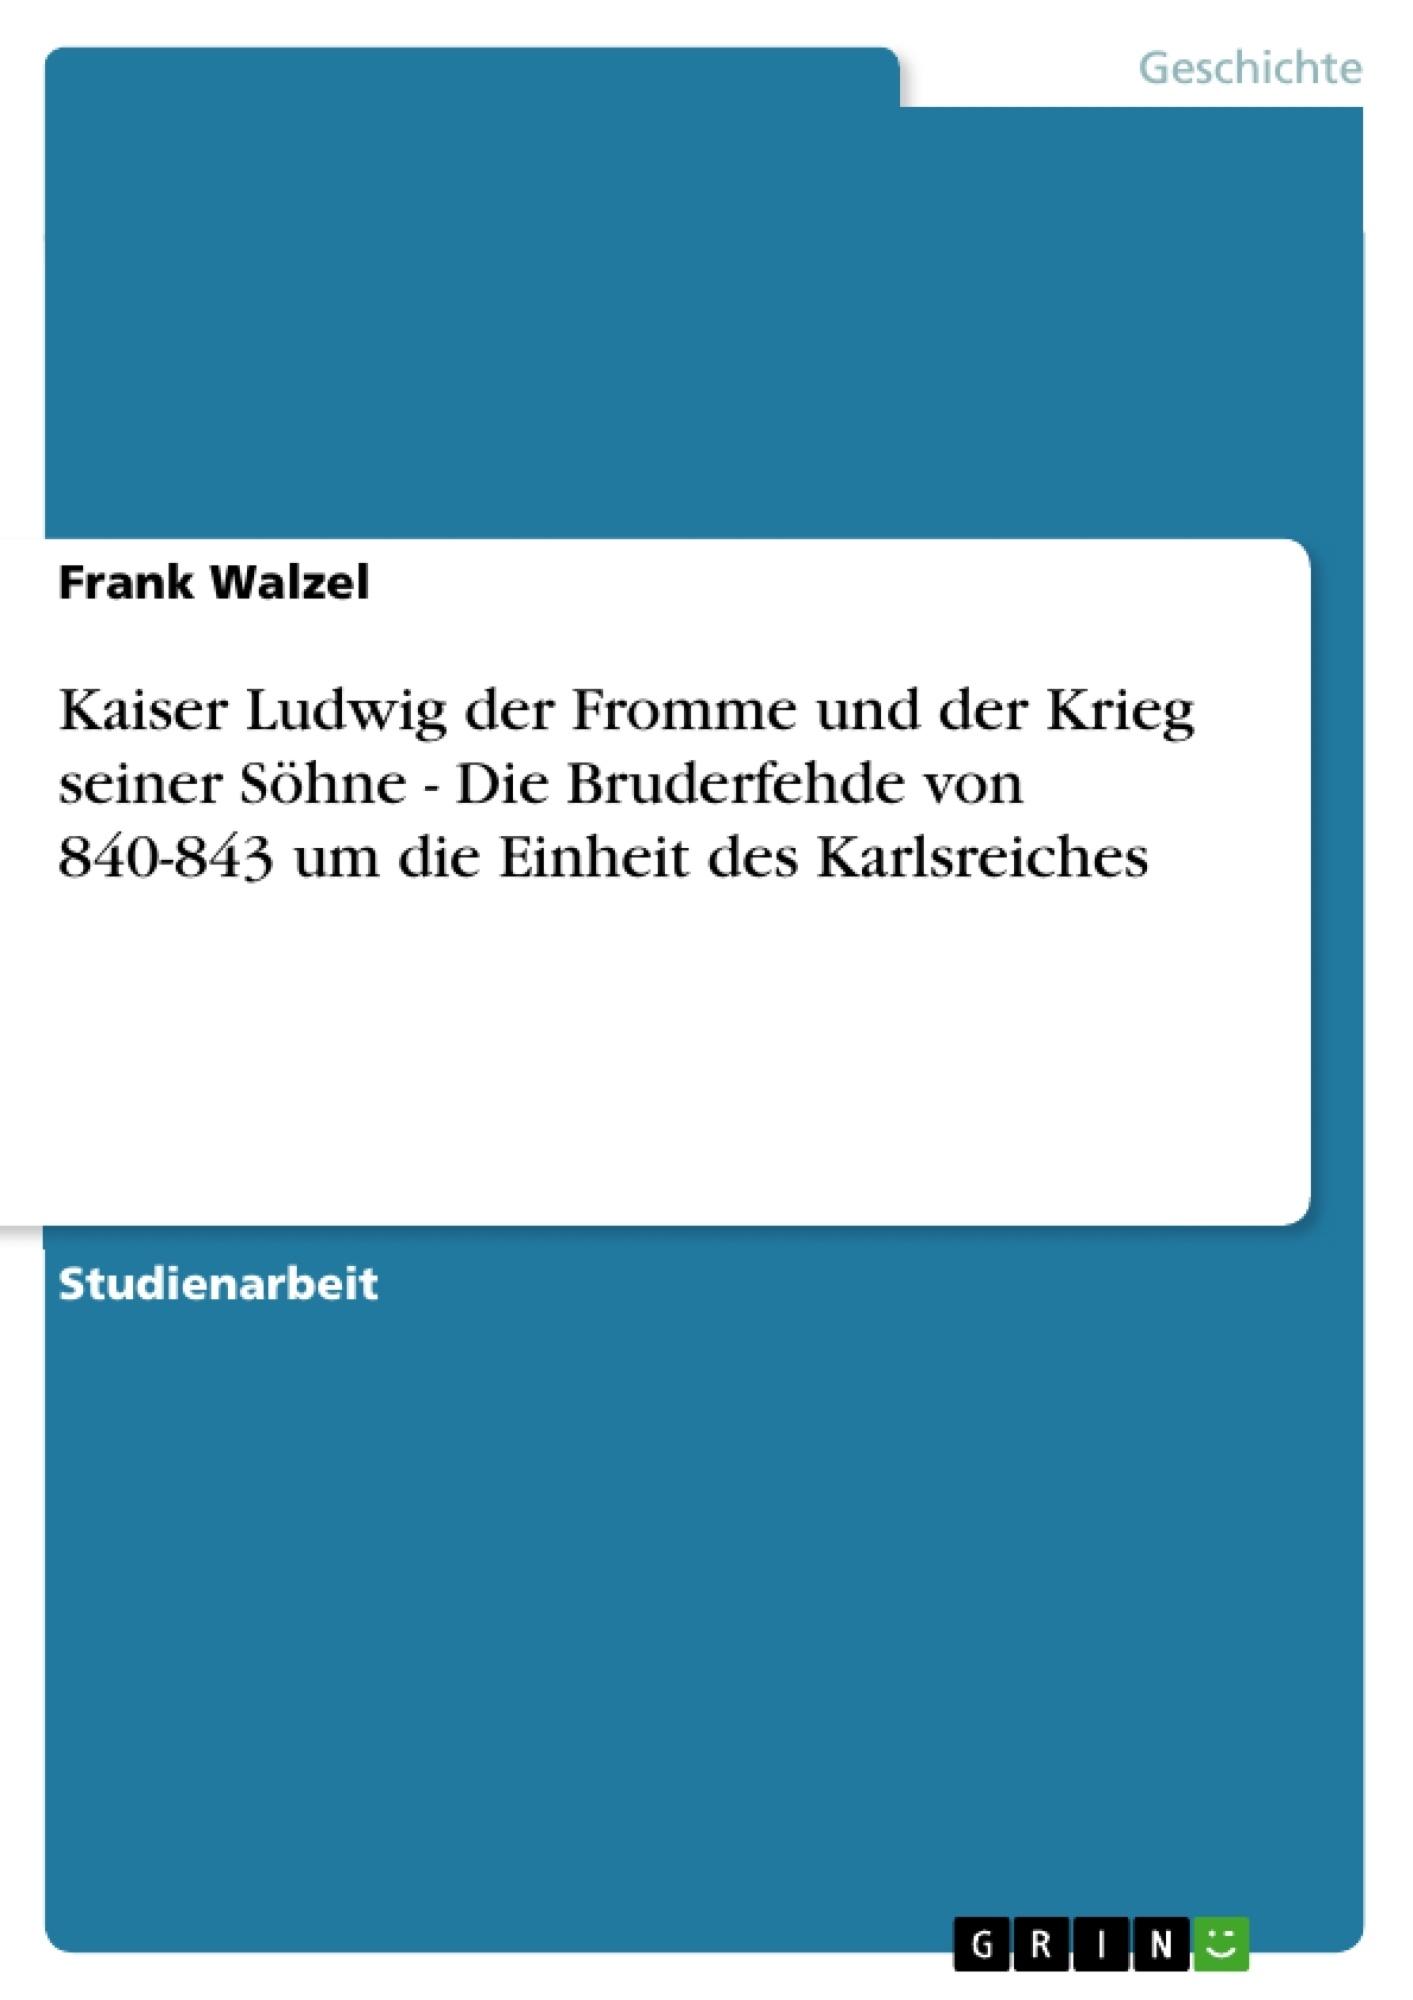 Titel: Kaiser Ludwig der Fromme und der Krieg seiner Söhne - Die Bruderfehde von 840-843 um die Einheit des Karlsreiches